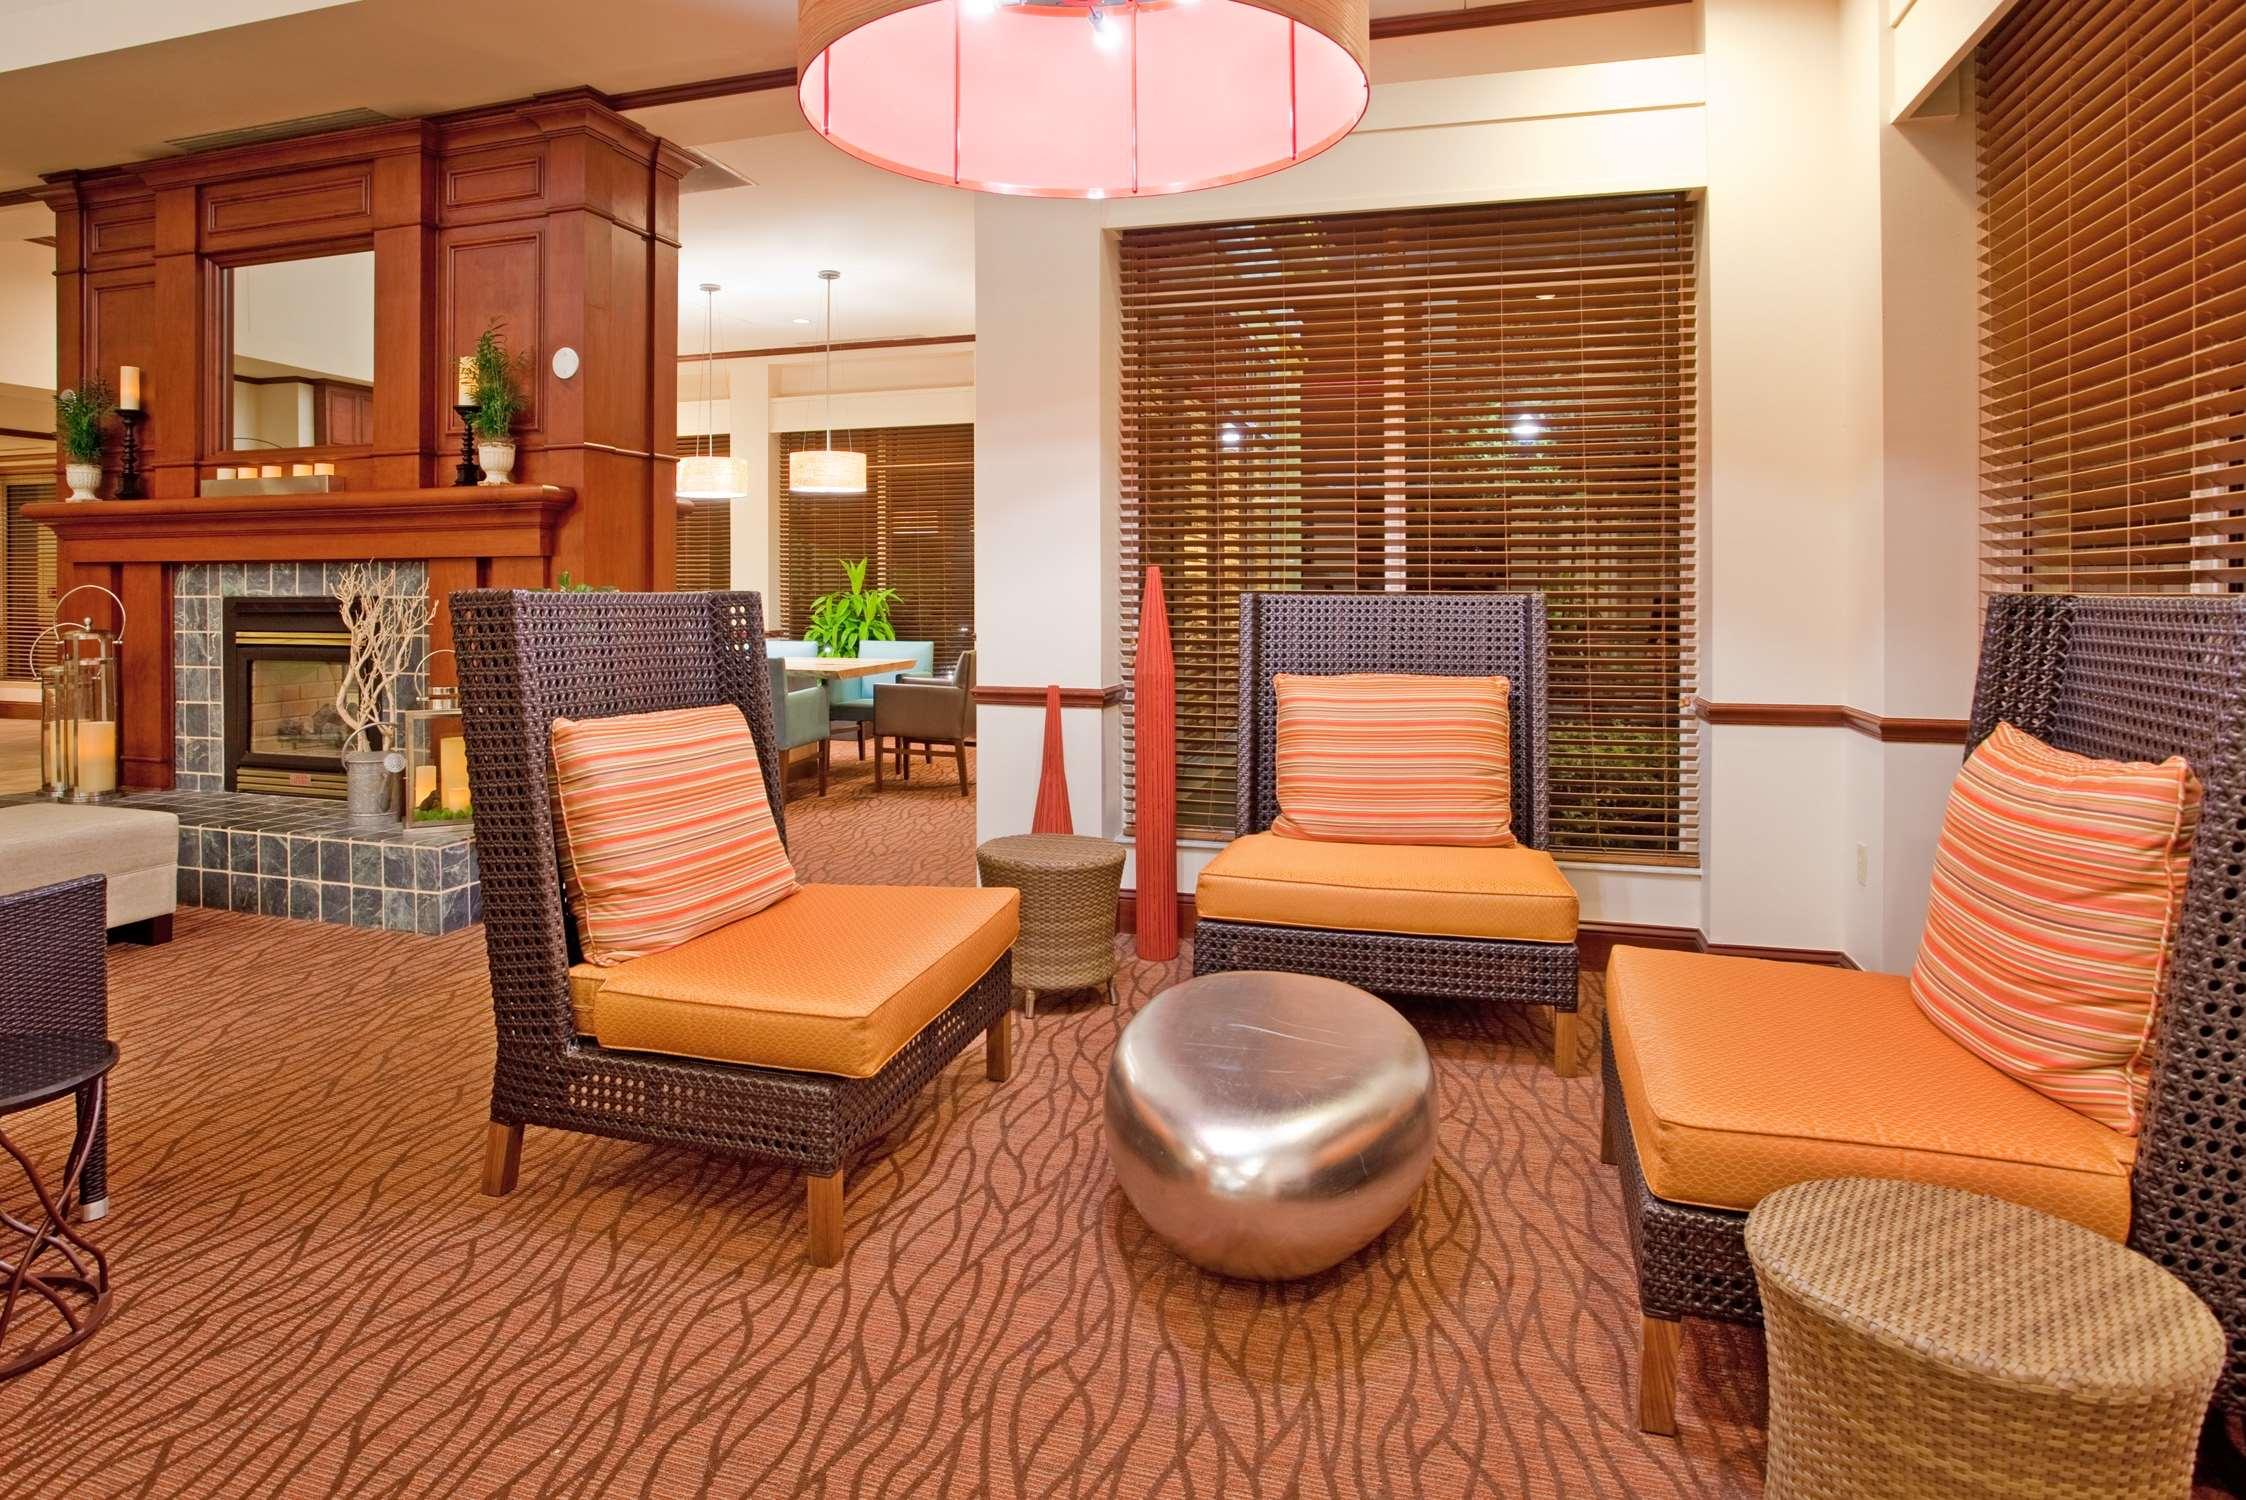 Hilton Garden Inn Boca Raton image 9